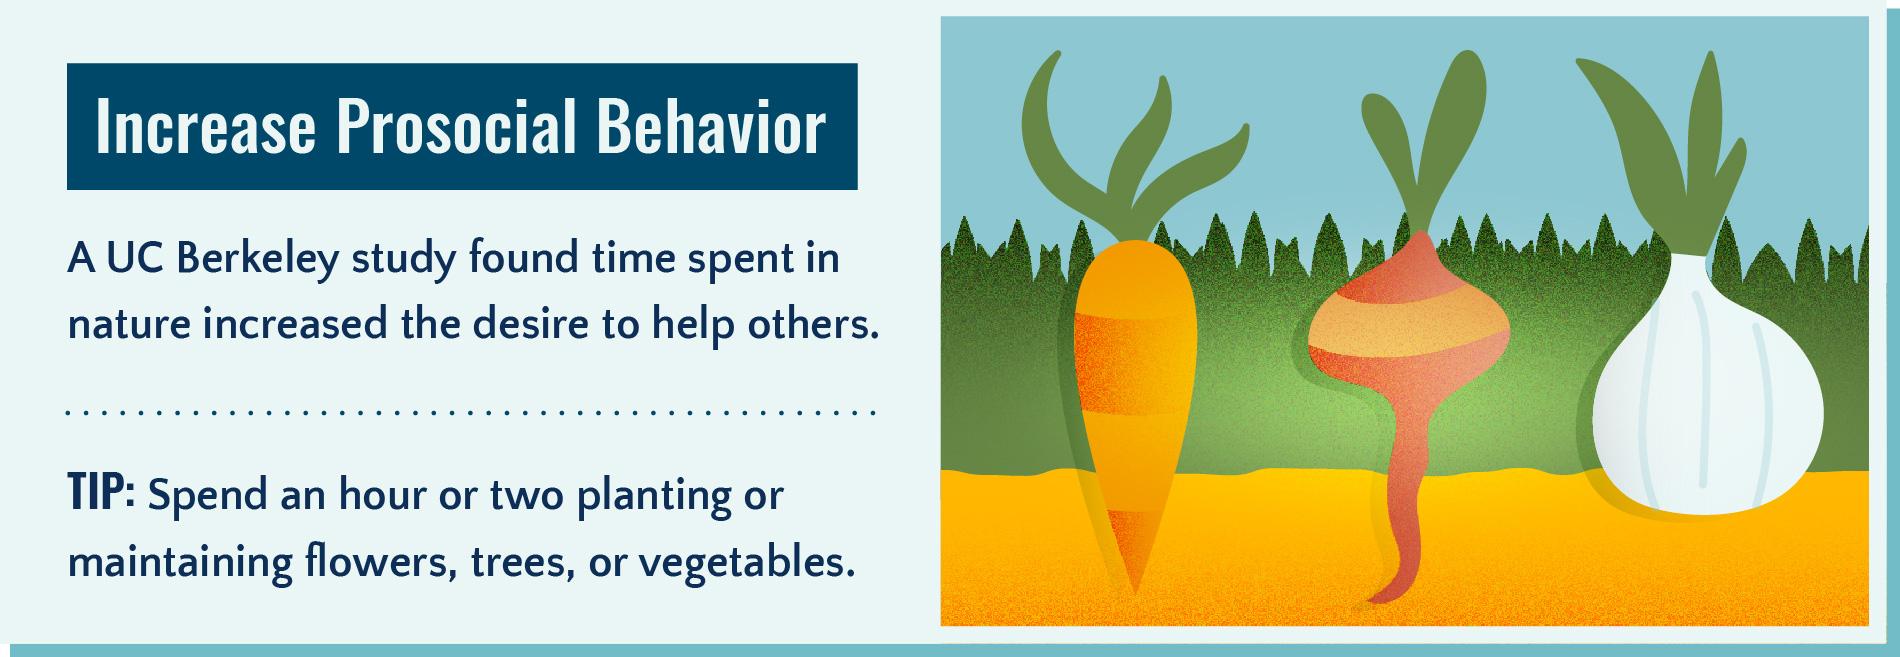 Spending time outdoors increases prosocial behavior